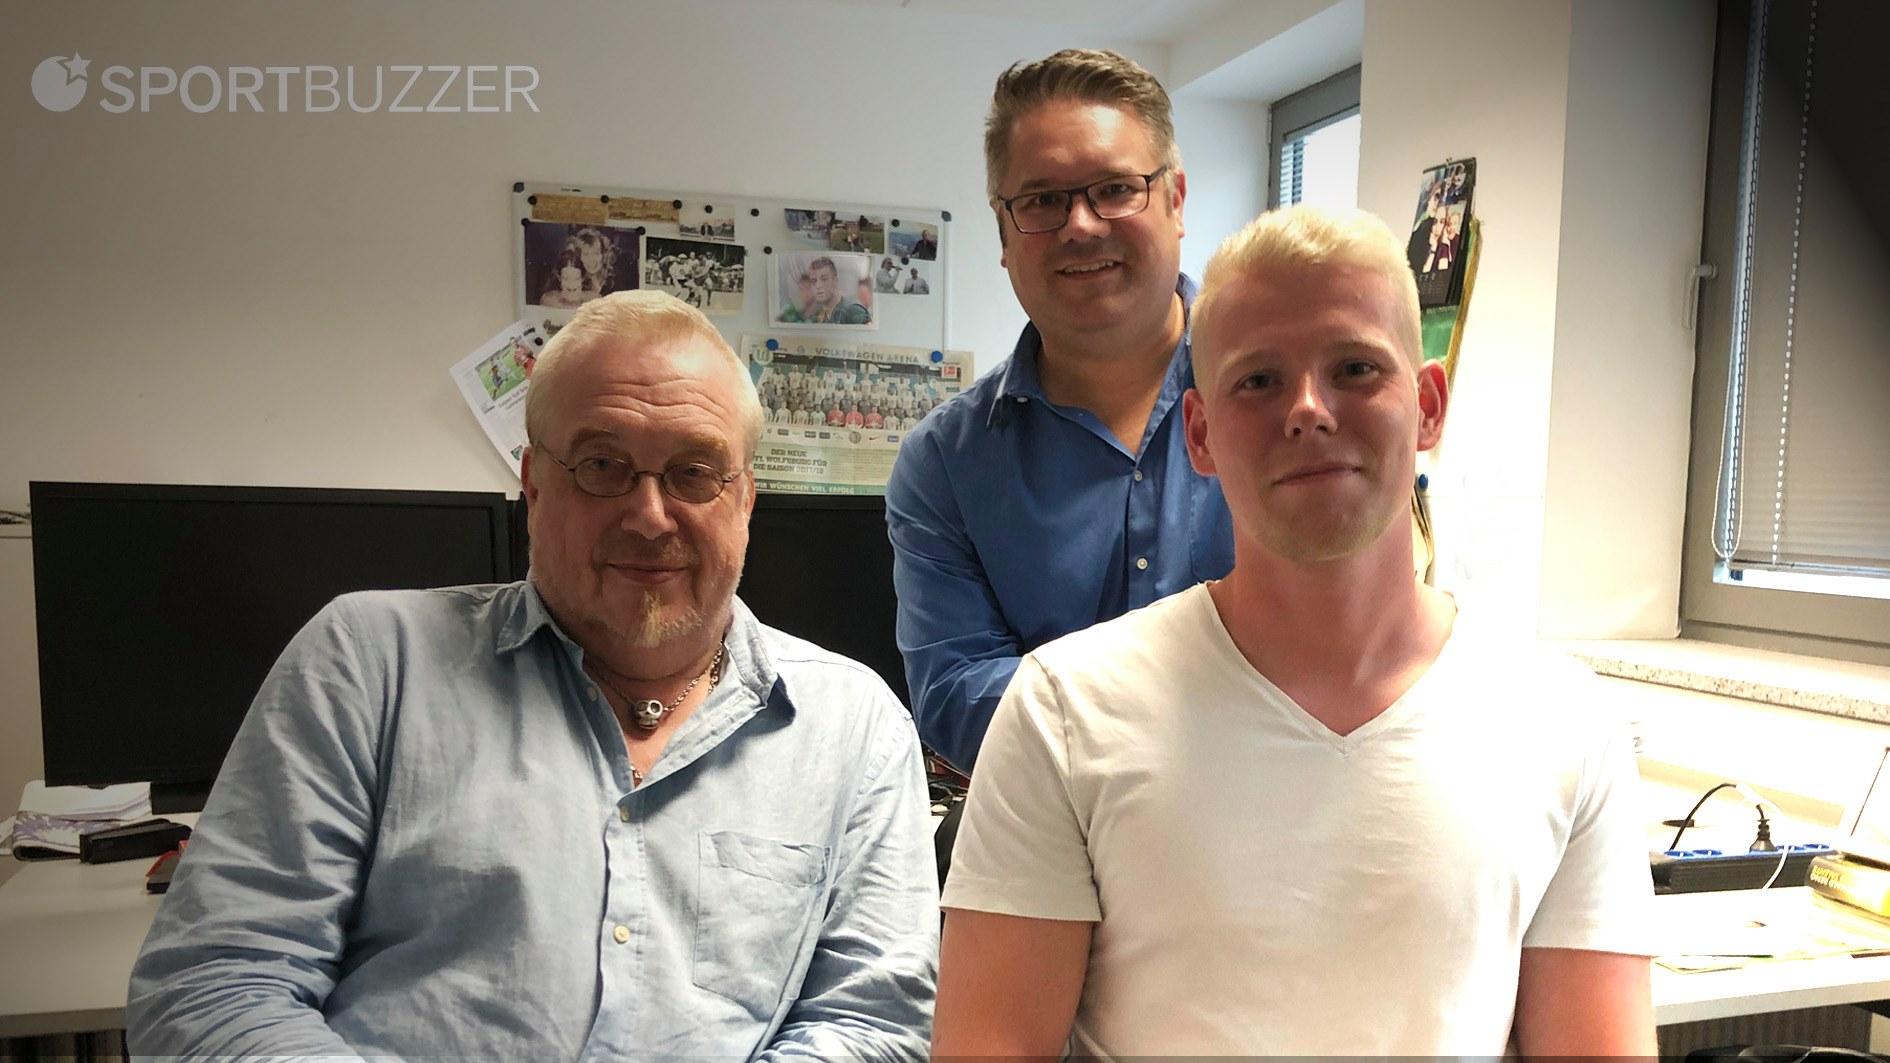 Podcast mit der WAZ Pahlmann und Flohr August 2019